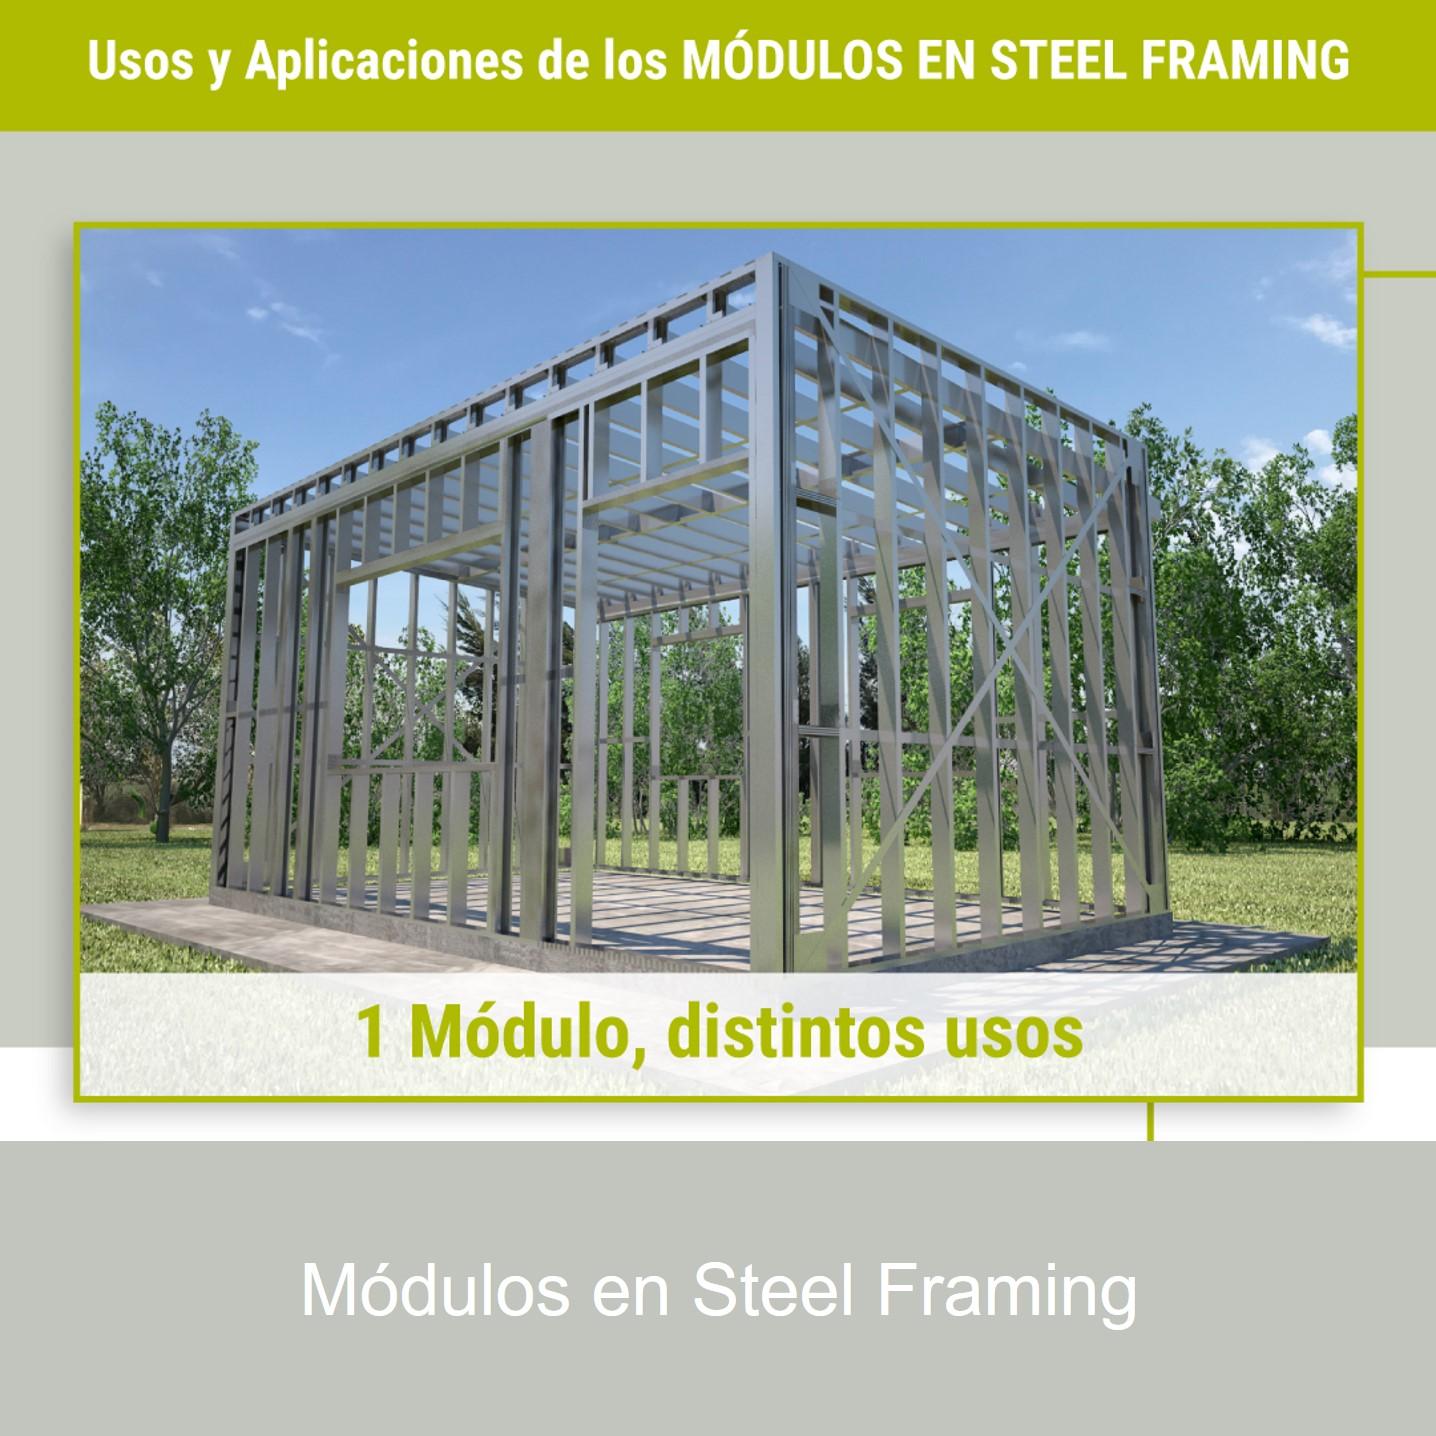 MÓDULOS EN STEEL FRAMING: Un módulo, distintas